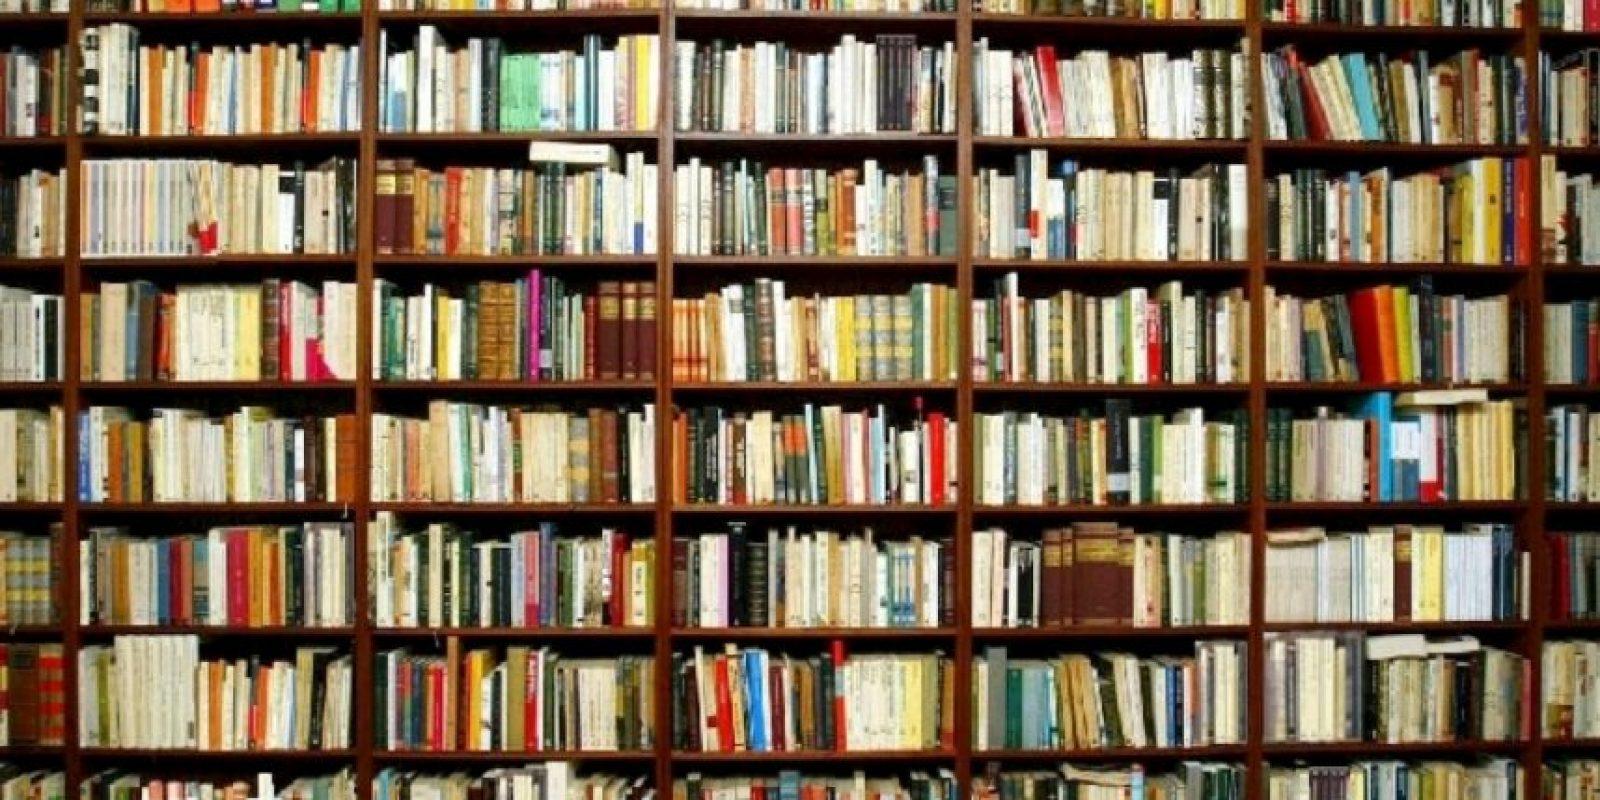 Langley Collyer era famoso por acumular cosas. Le cayó un librero encima y días después descubrieron su cuerpo. Foto:Getty Images